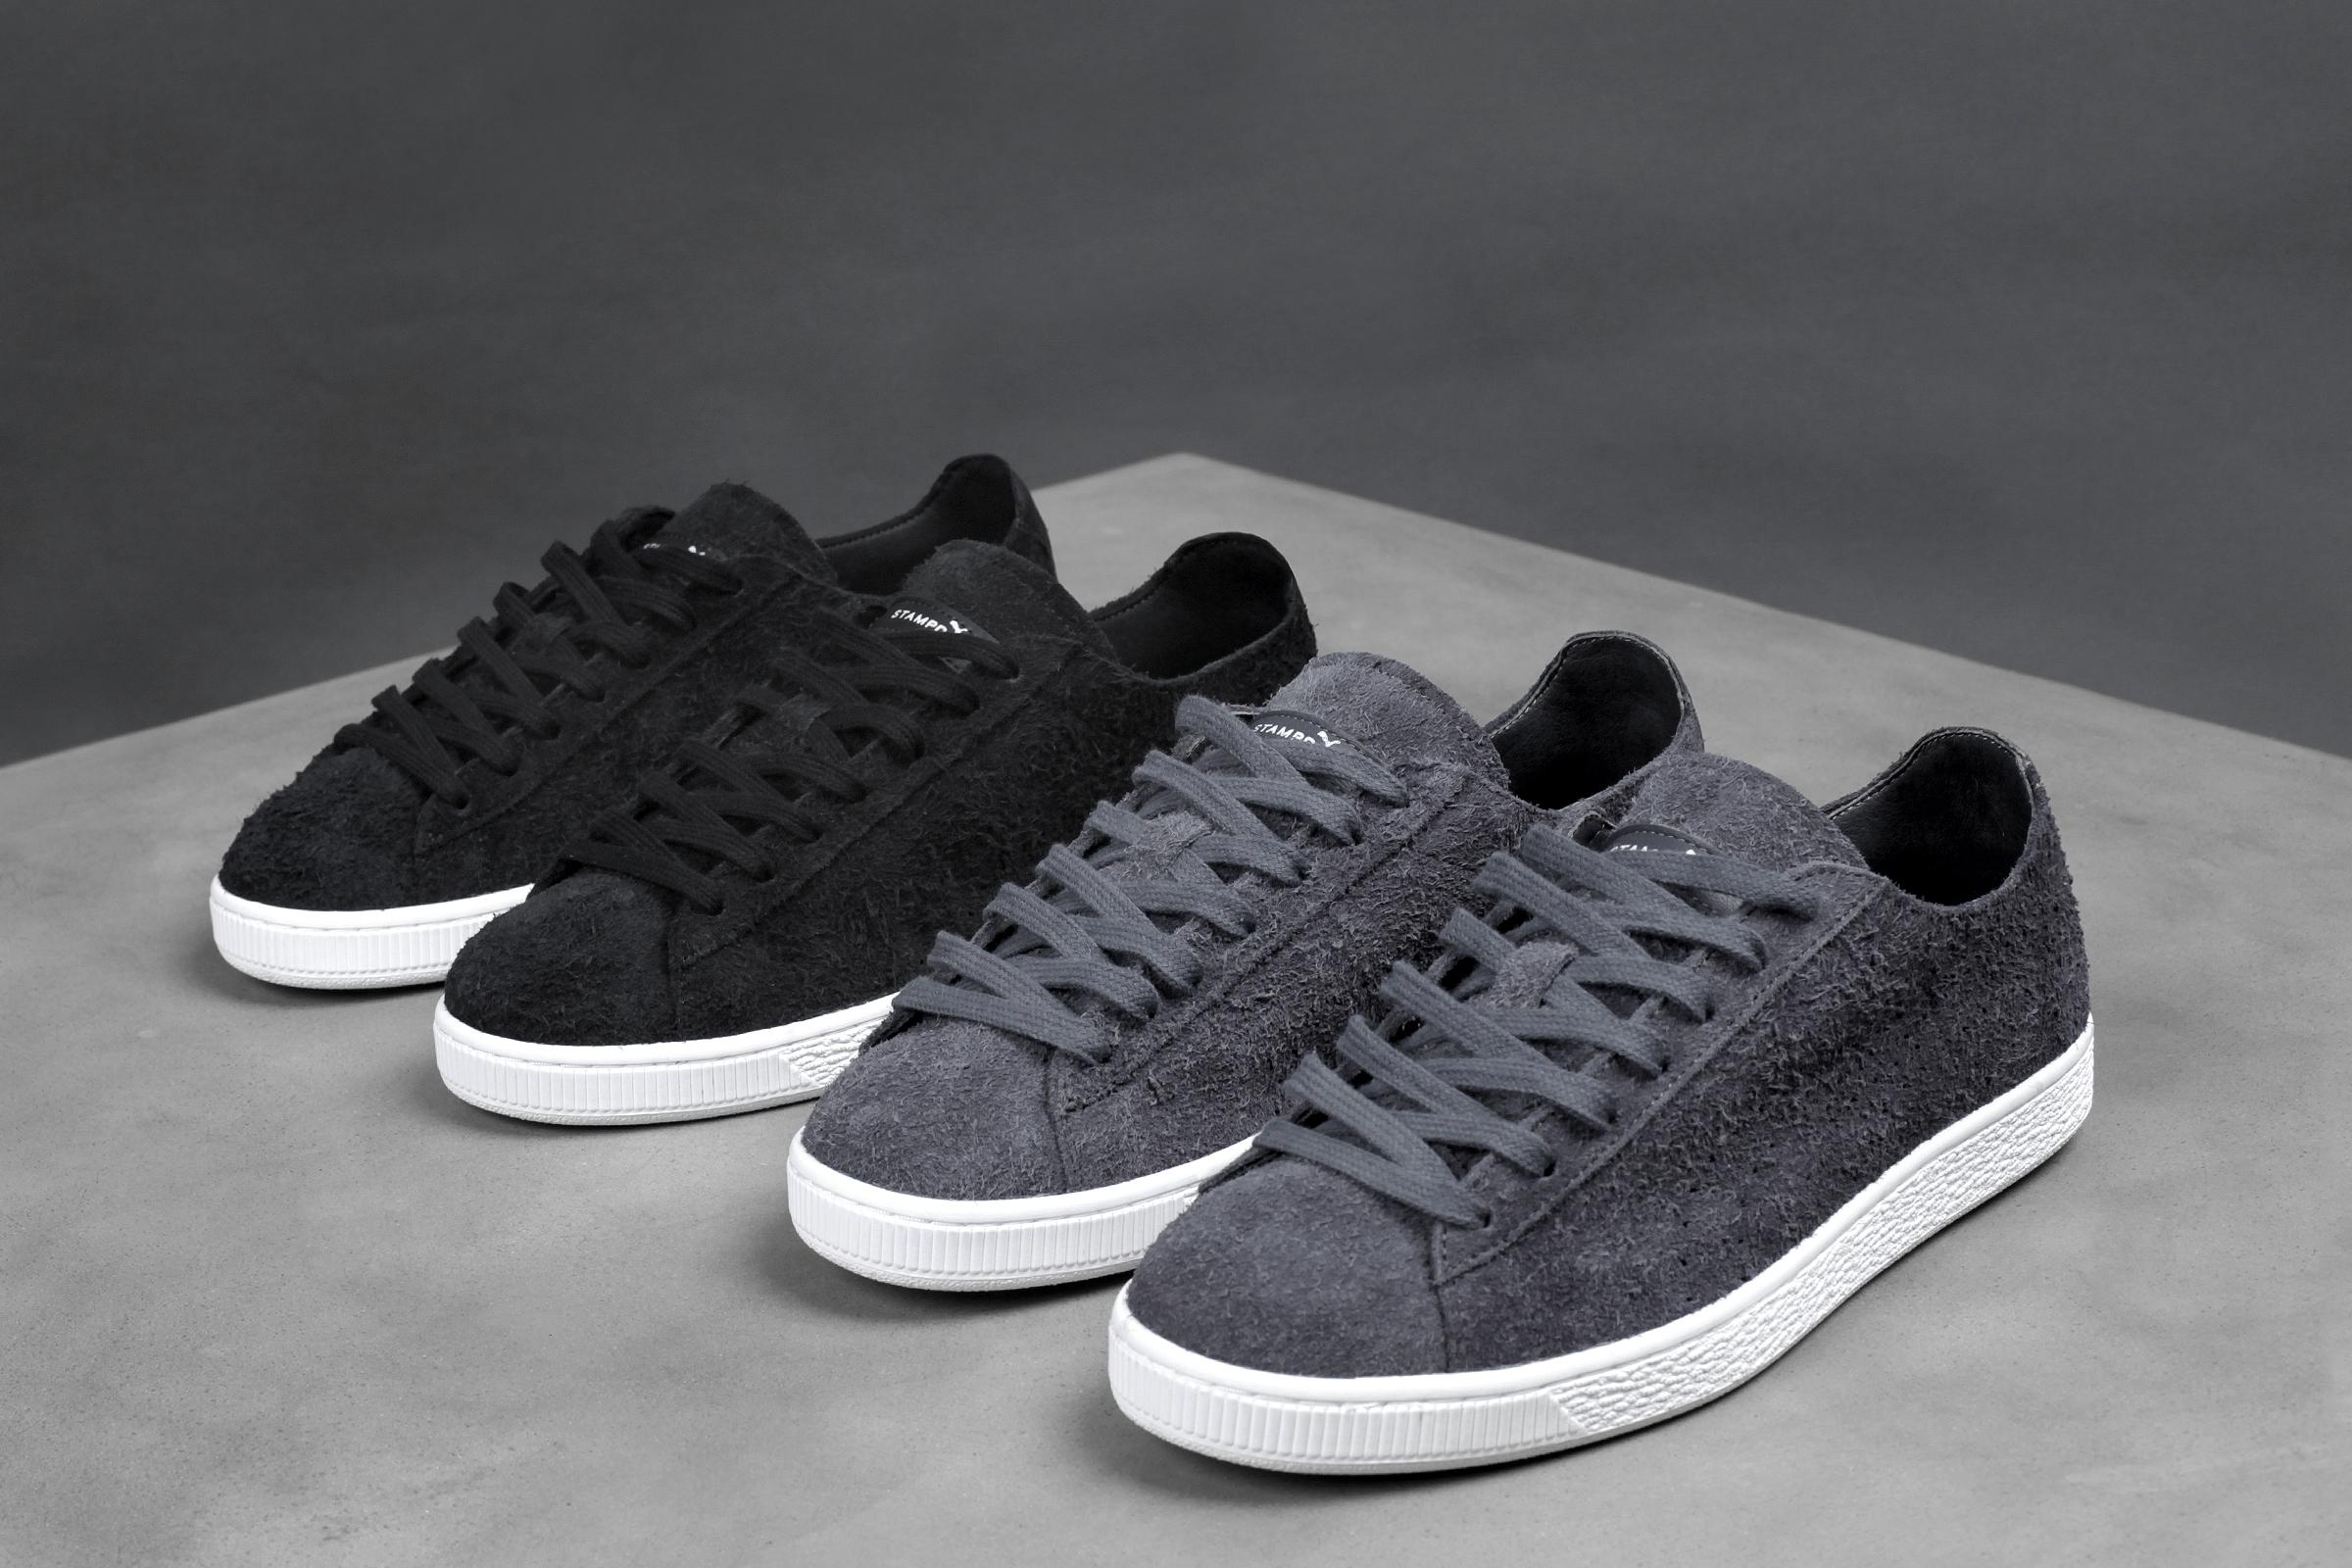 Leder Sonderangebot PUMA PUMA States x Stampd Leder Sneaker